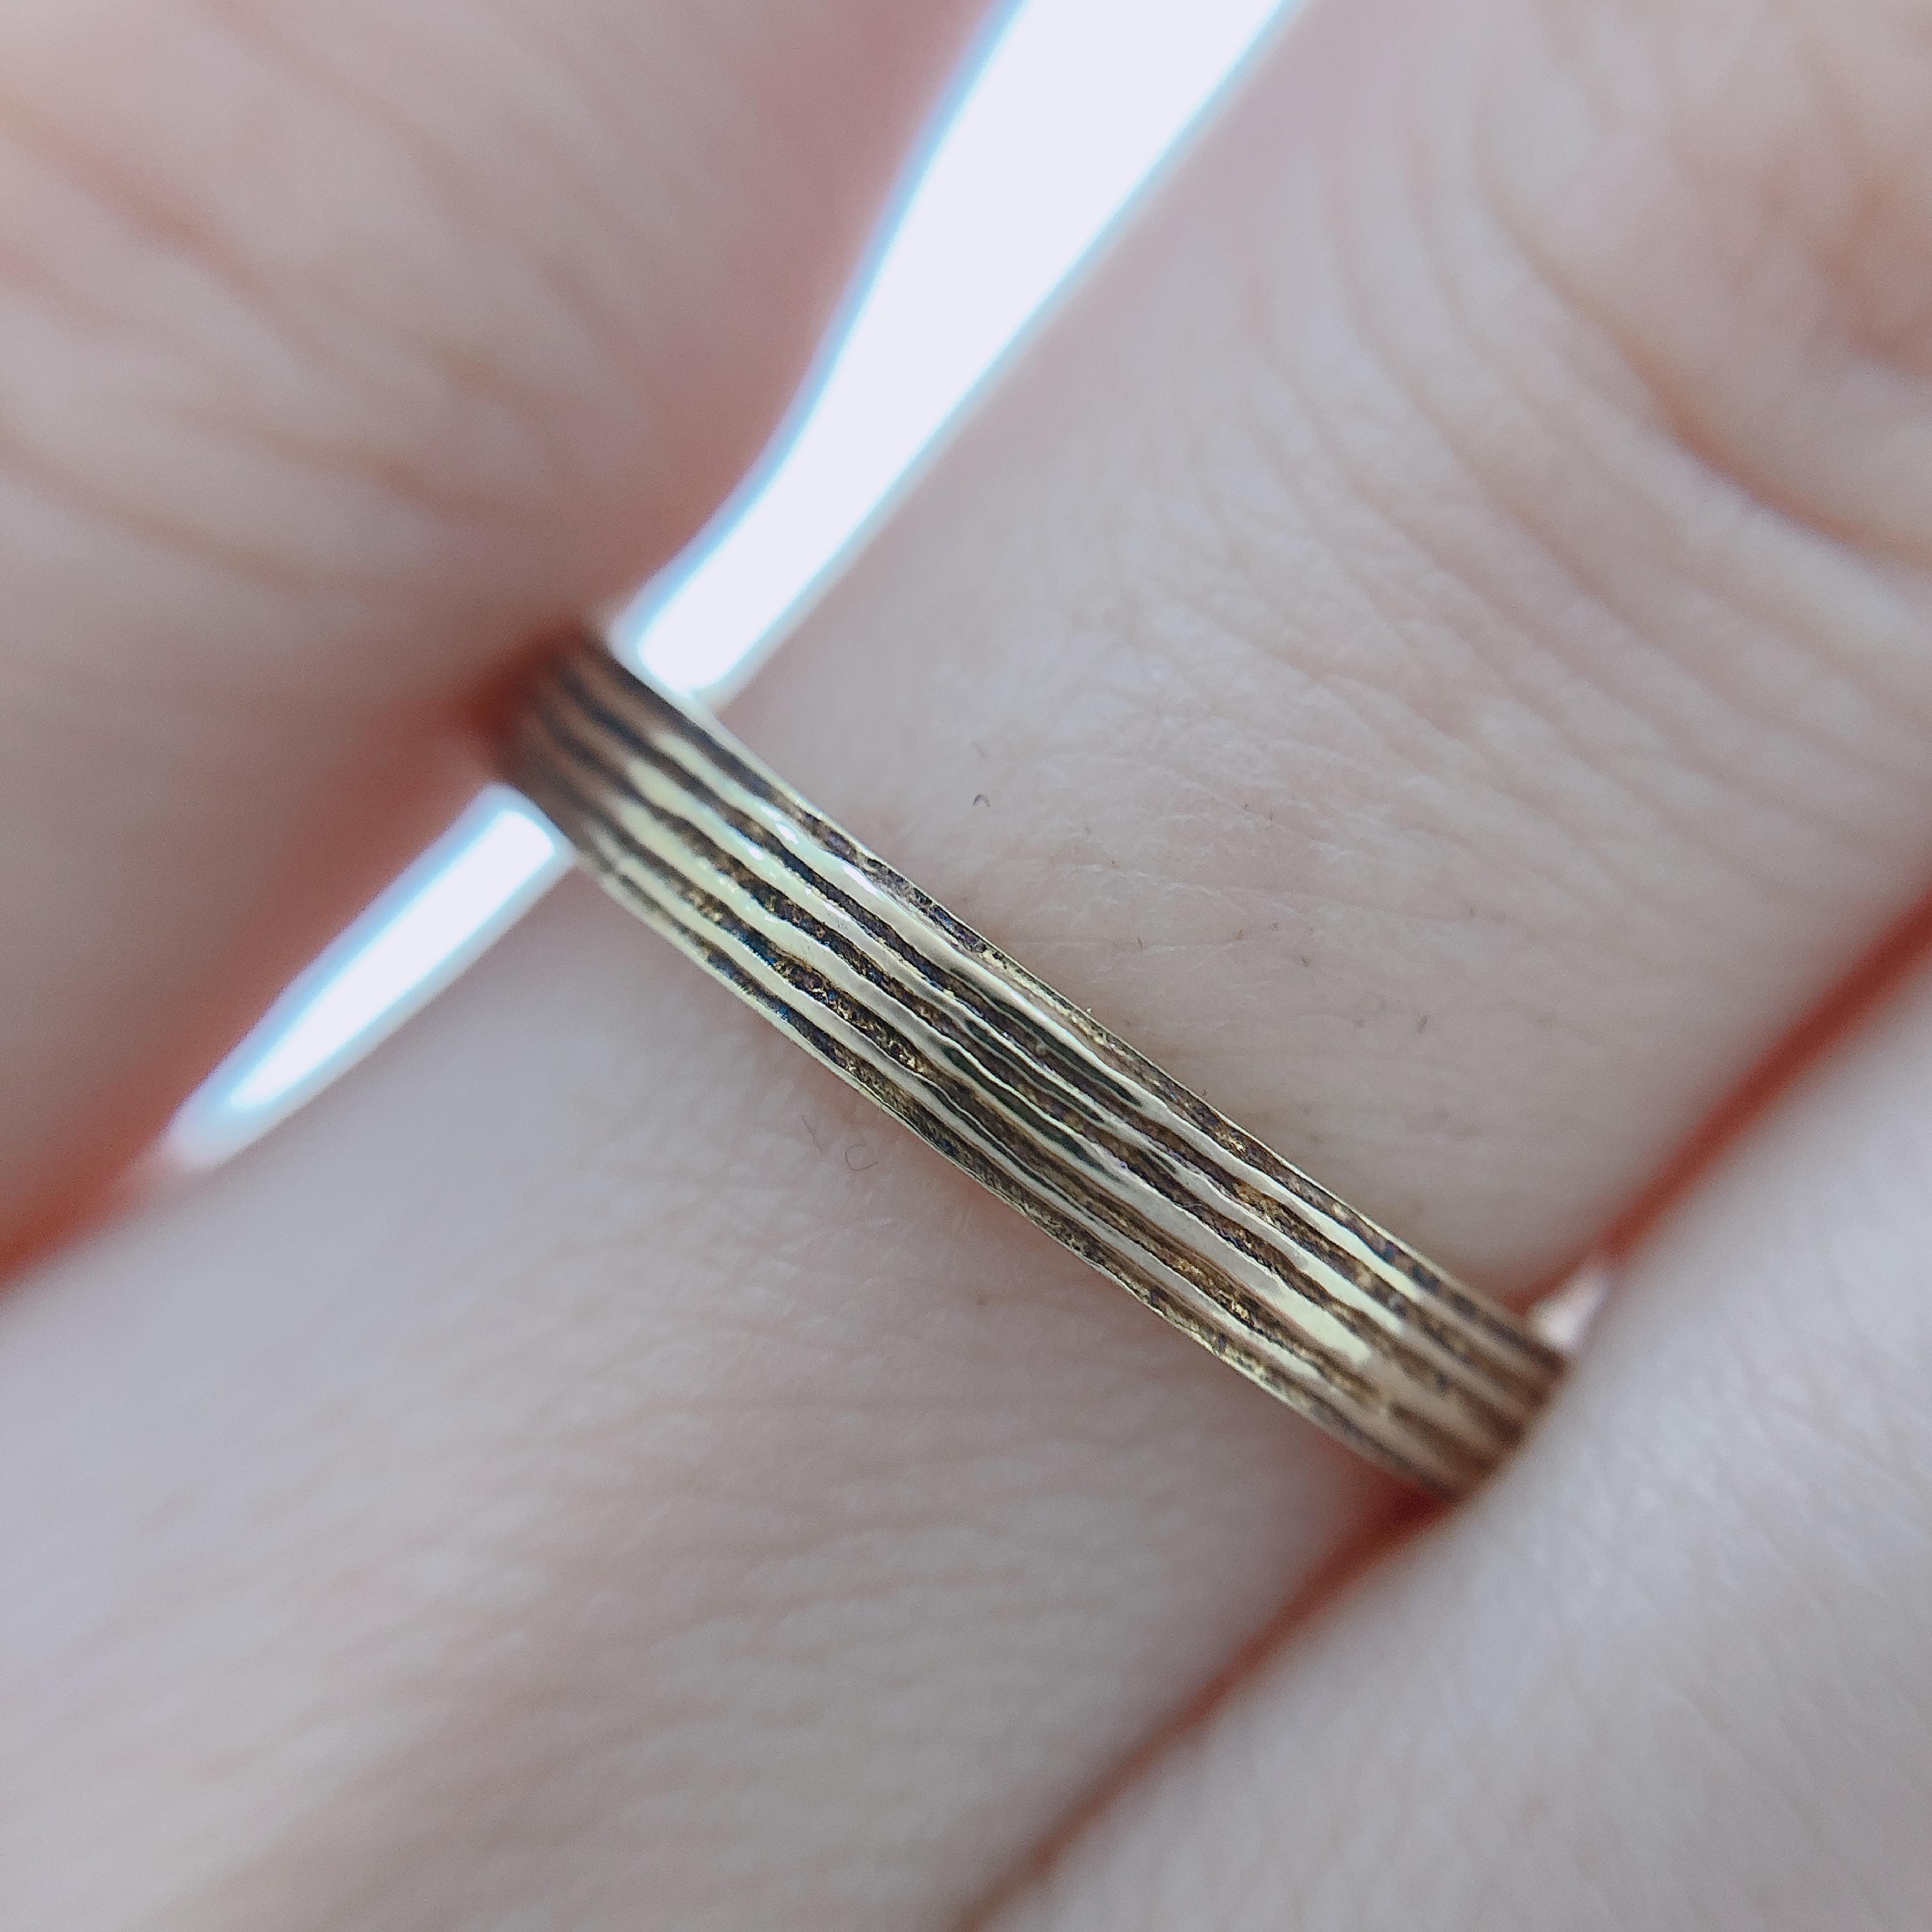 個性的なリングをお探しの方にお勧めのデザインです。